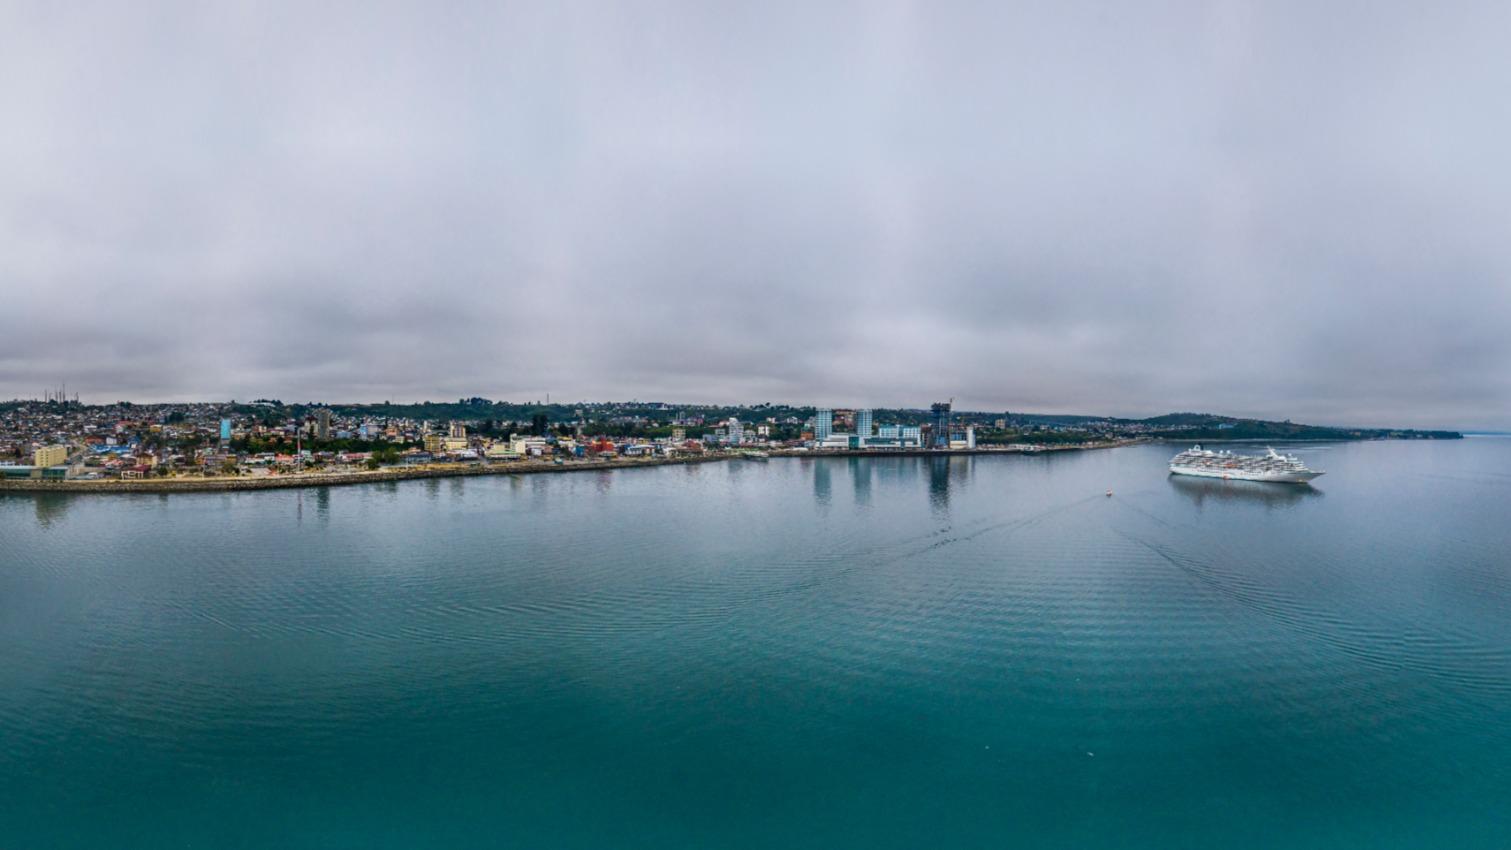 Bahía de Puerto Montt Los Lagos